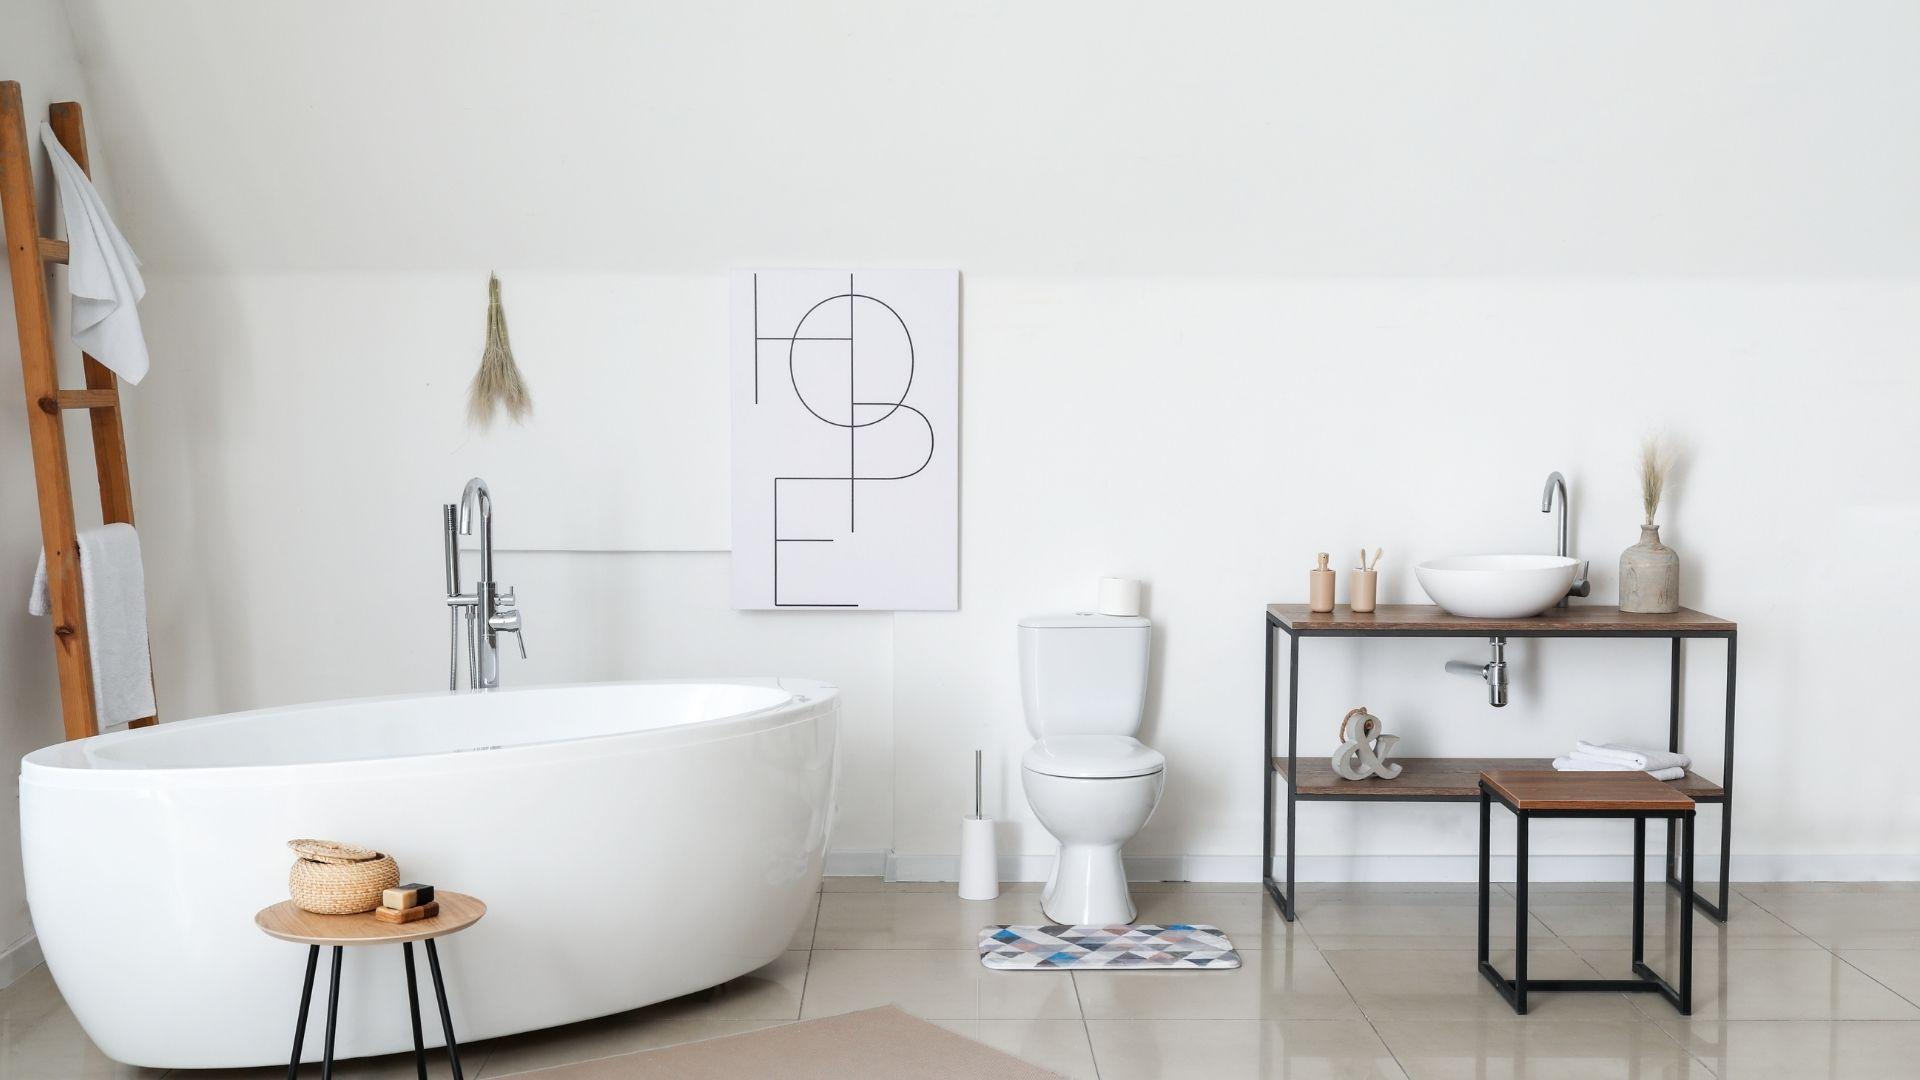 co na ścianę w małej łazience